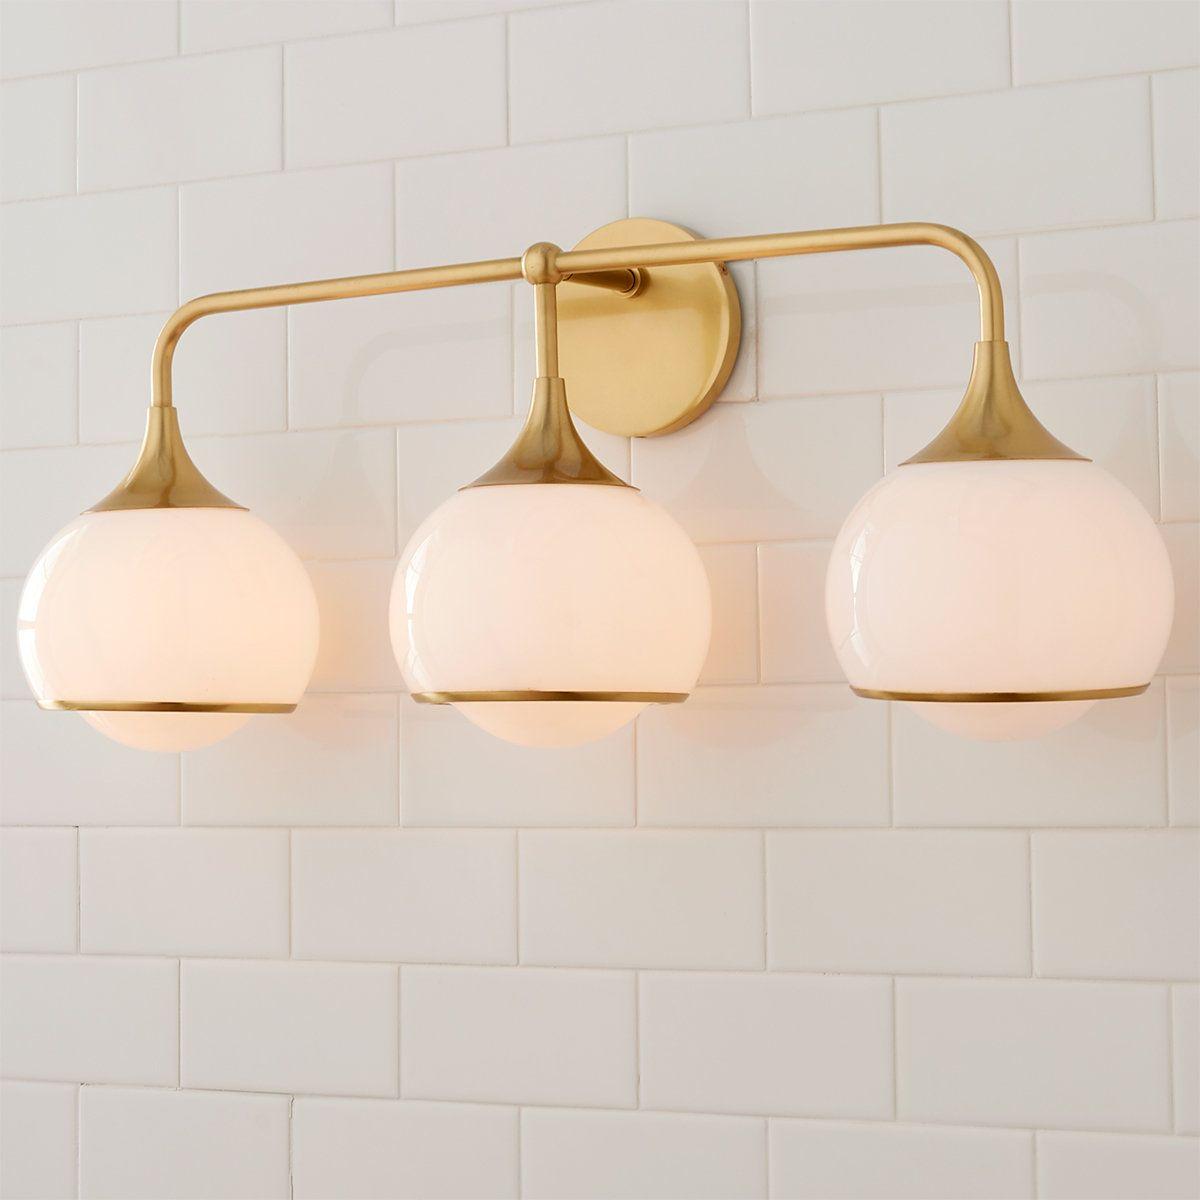 Photo of Diner Drop Vanity Light – 3 Light